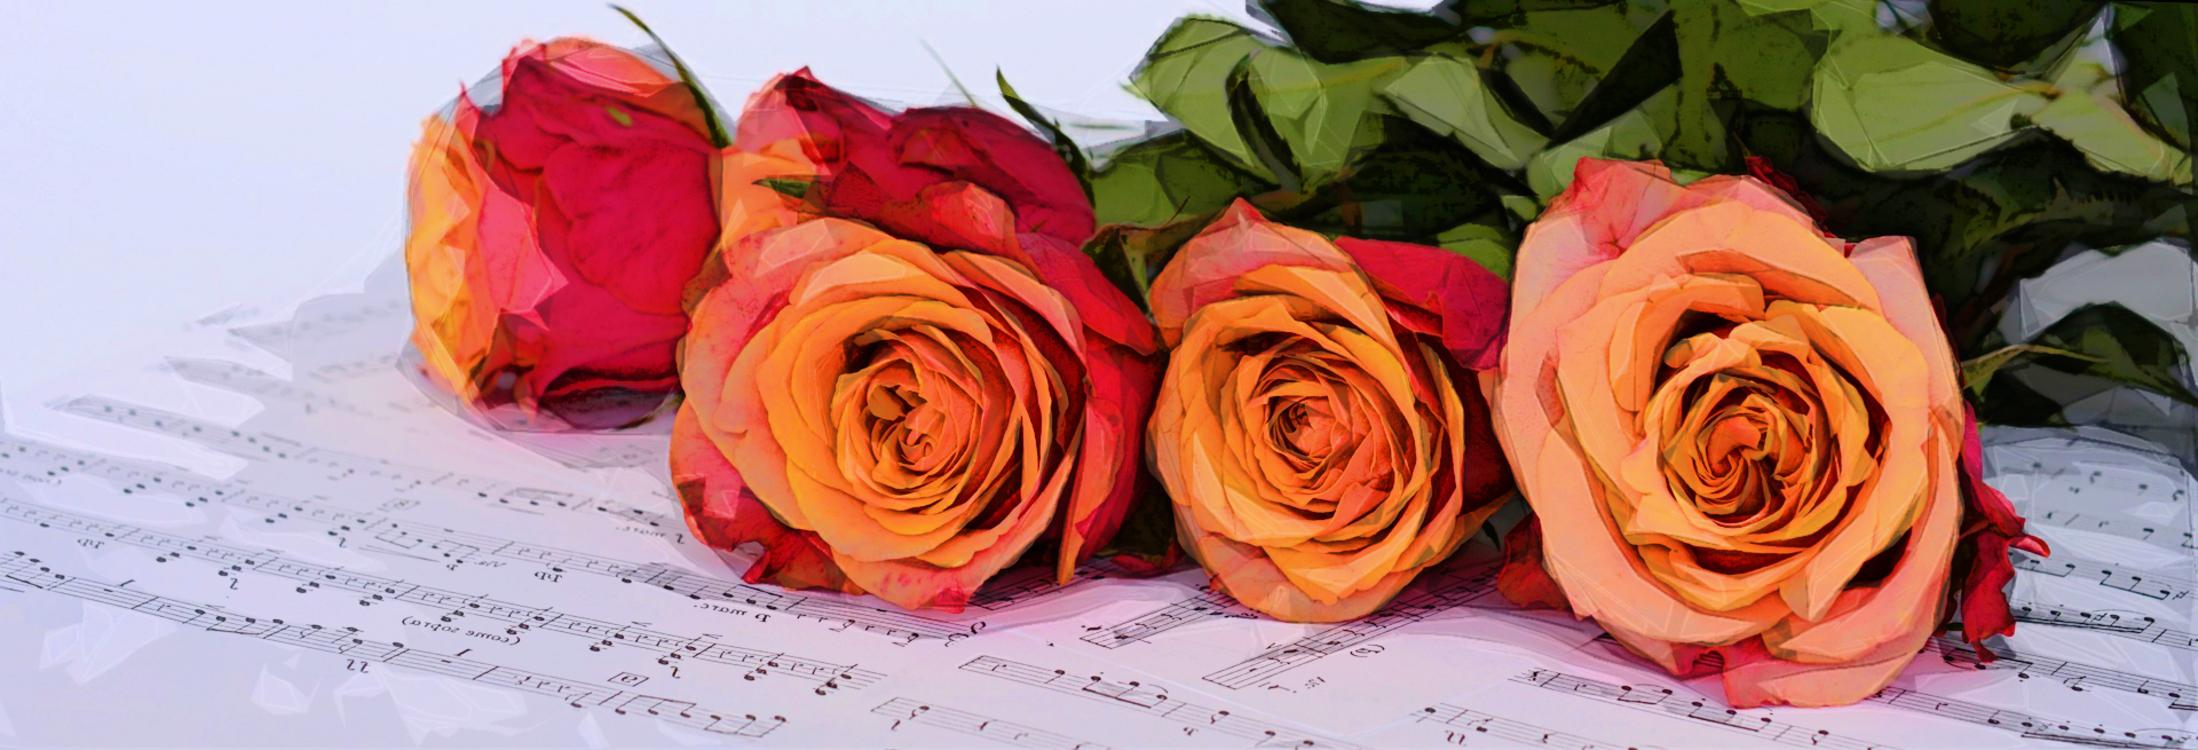 Flower,Garden Roses,Rose